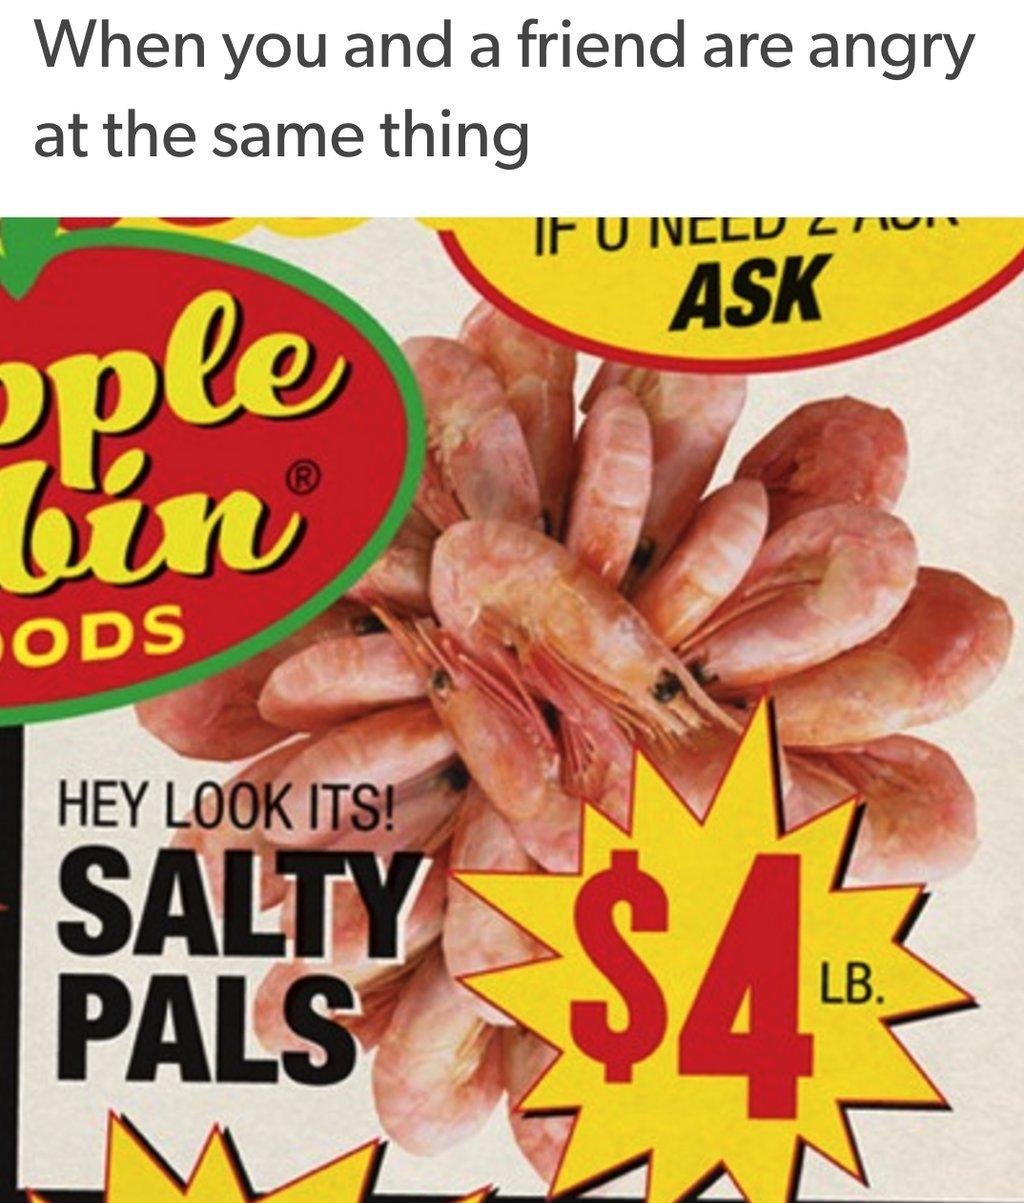 Salty pals - meme